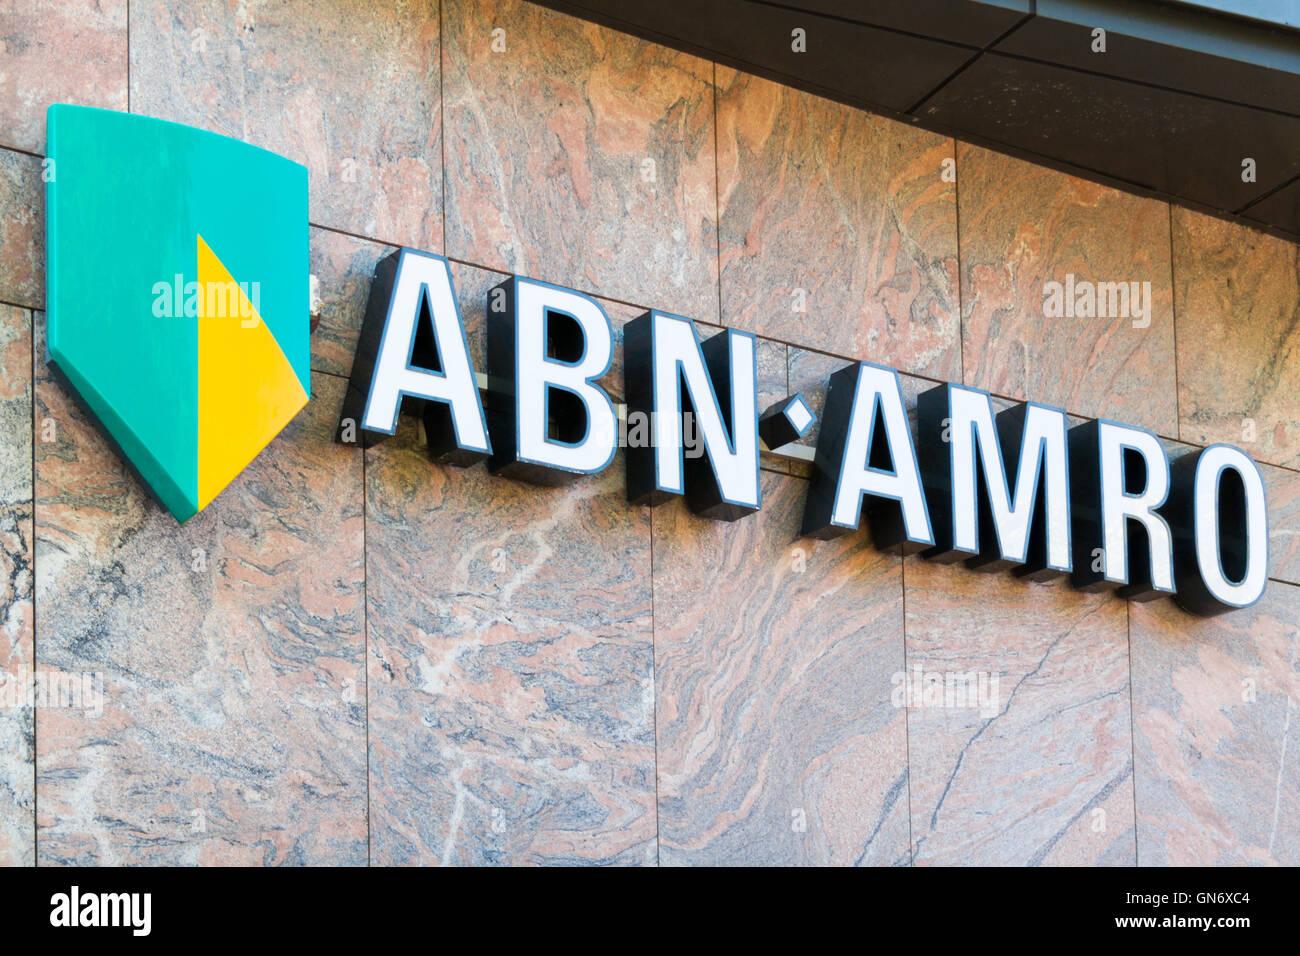 Nome del marchio logo ABN AMRO Bank sulla filiale locale di Alkmaar, North Holland, Paesi Bassi Immagini Stock